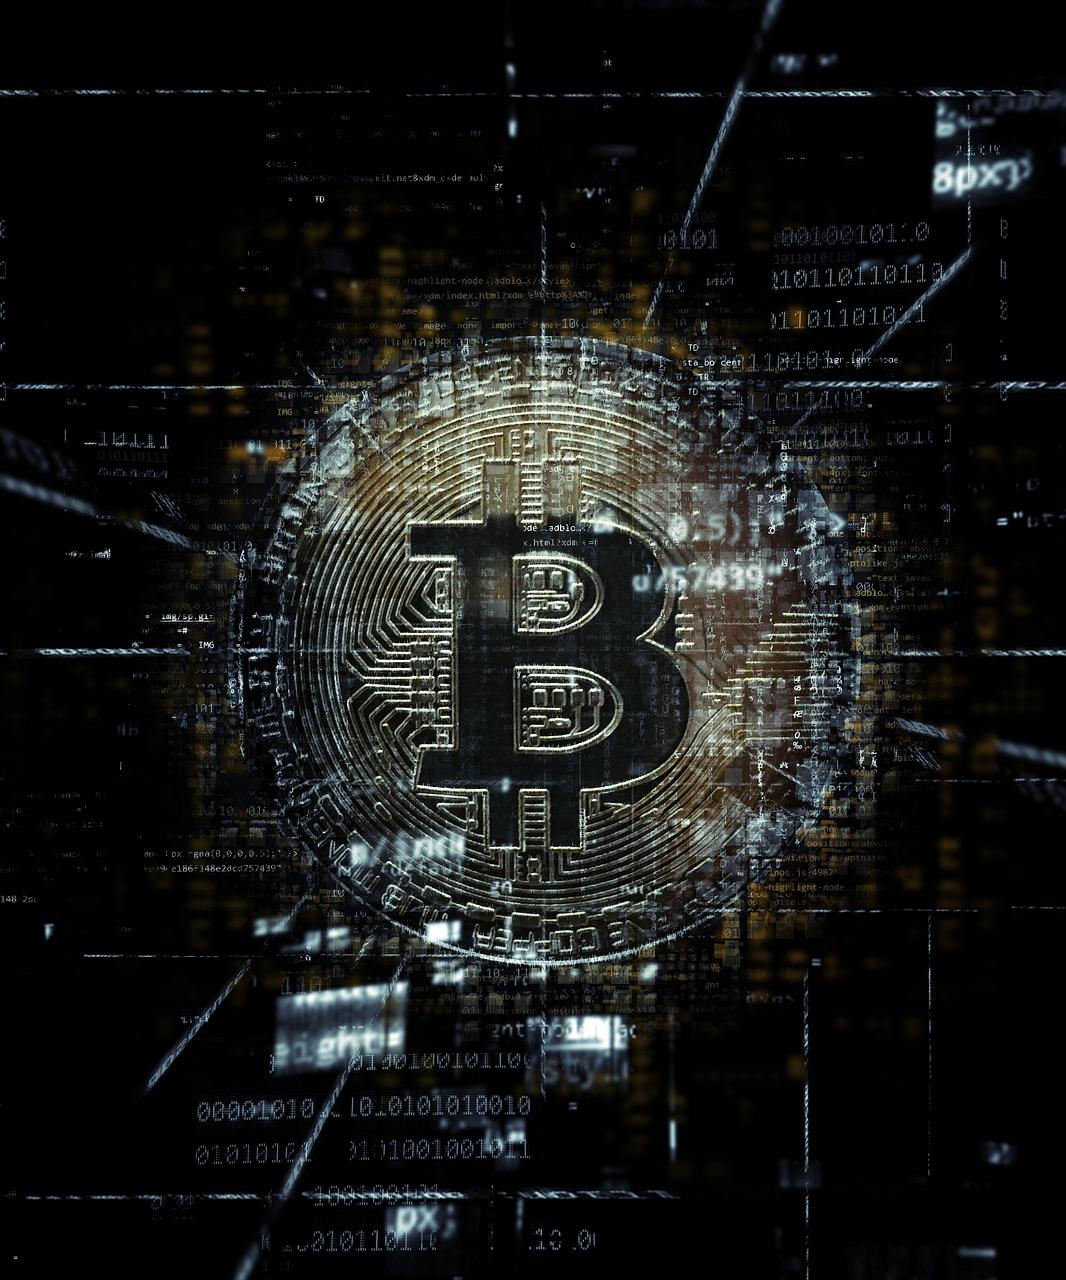 Gdzie można kupić bitcoin?